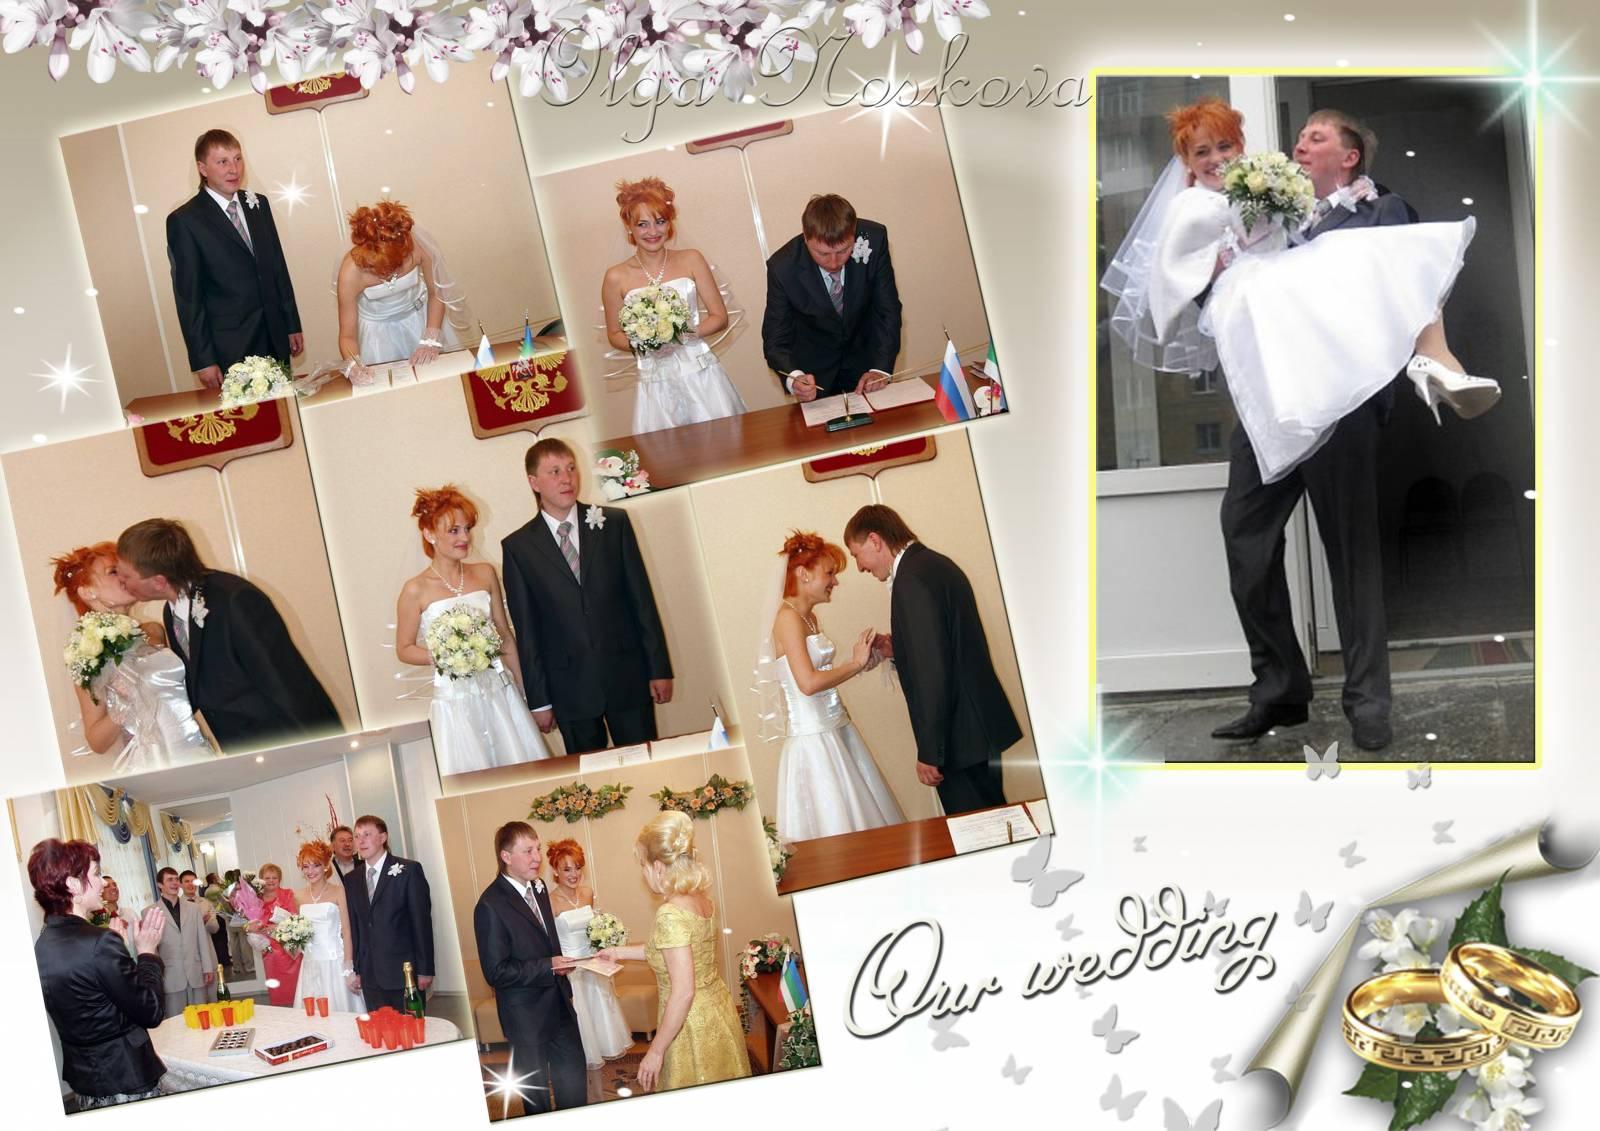 Коллаж из фото к годовщине свадьбы